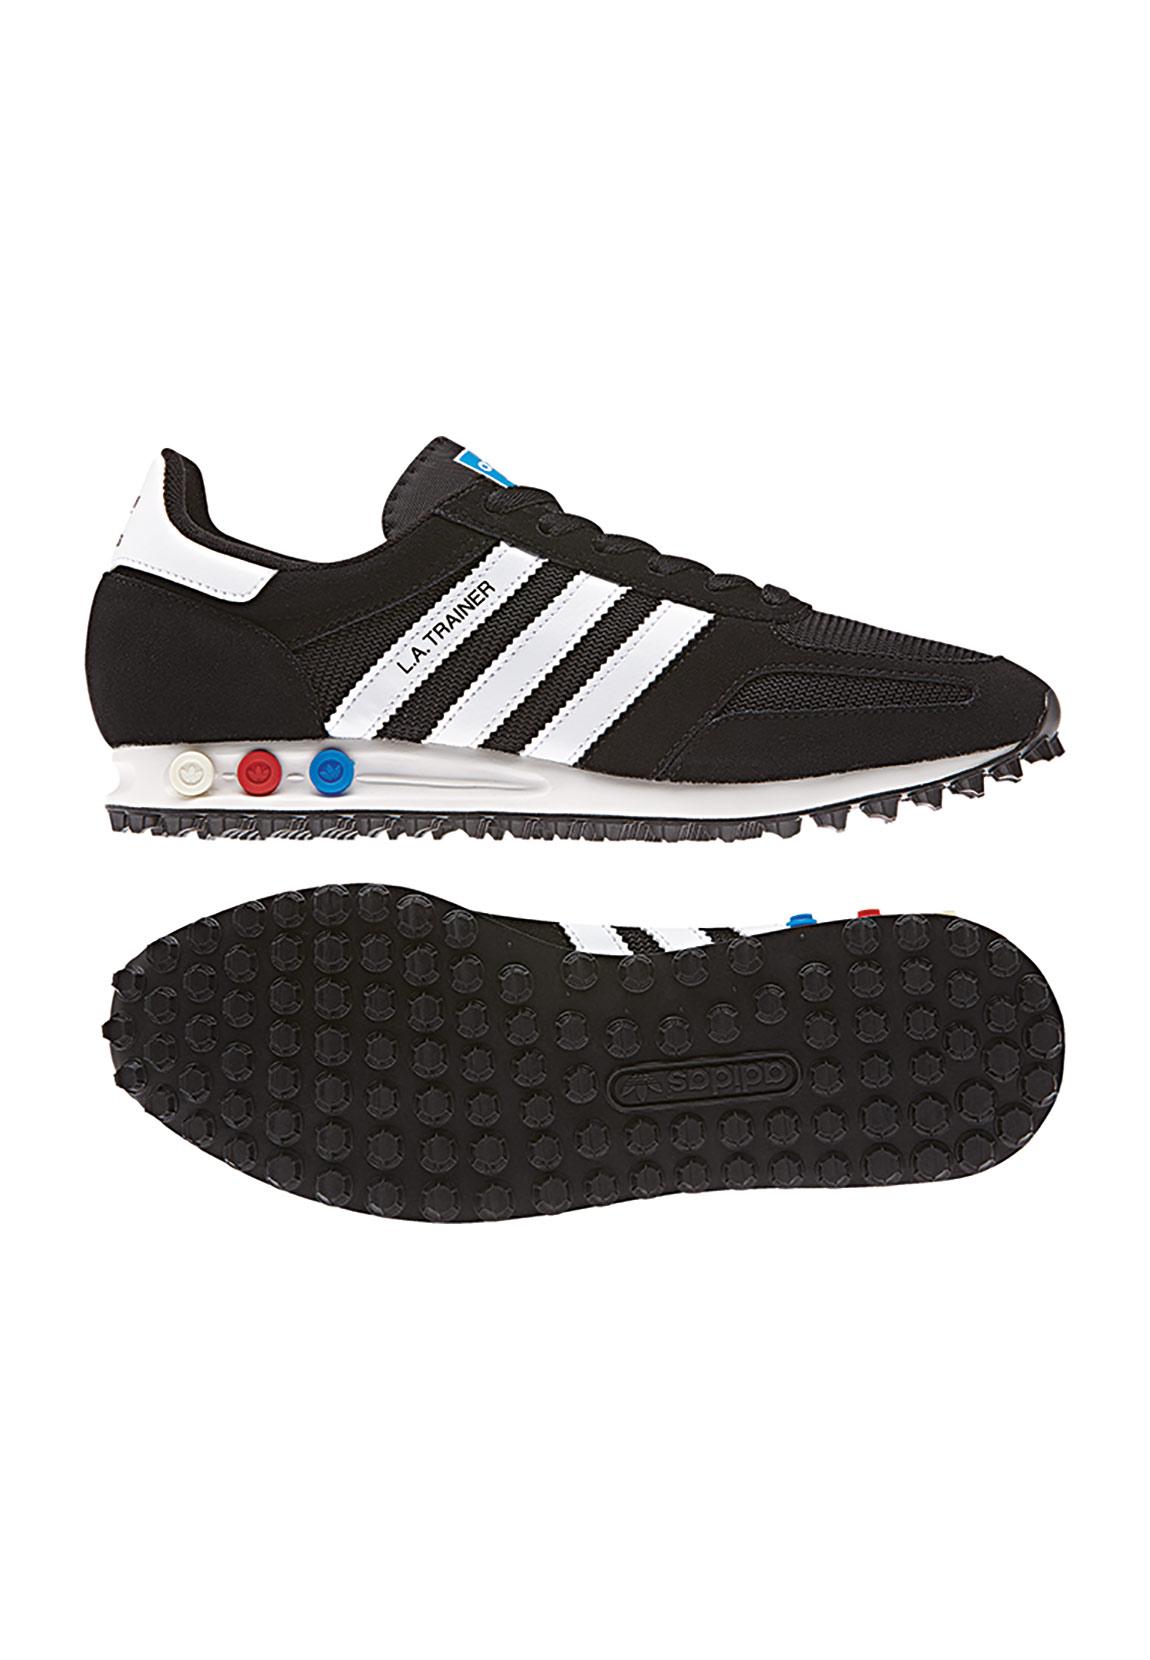 buy popular cc0fa e97a4 adidasZx Flux Scarpe Running Unisex adulti Grey Aluminum Aluminum Running  Wh,. adidas originals sneakers vettura cq2277 NERO BIANCO